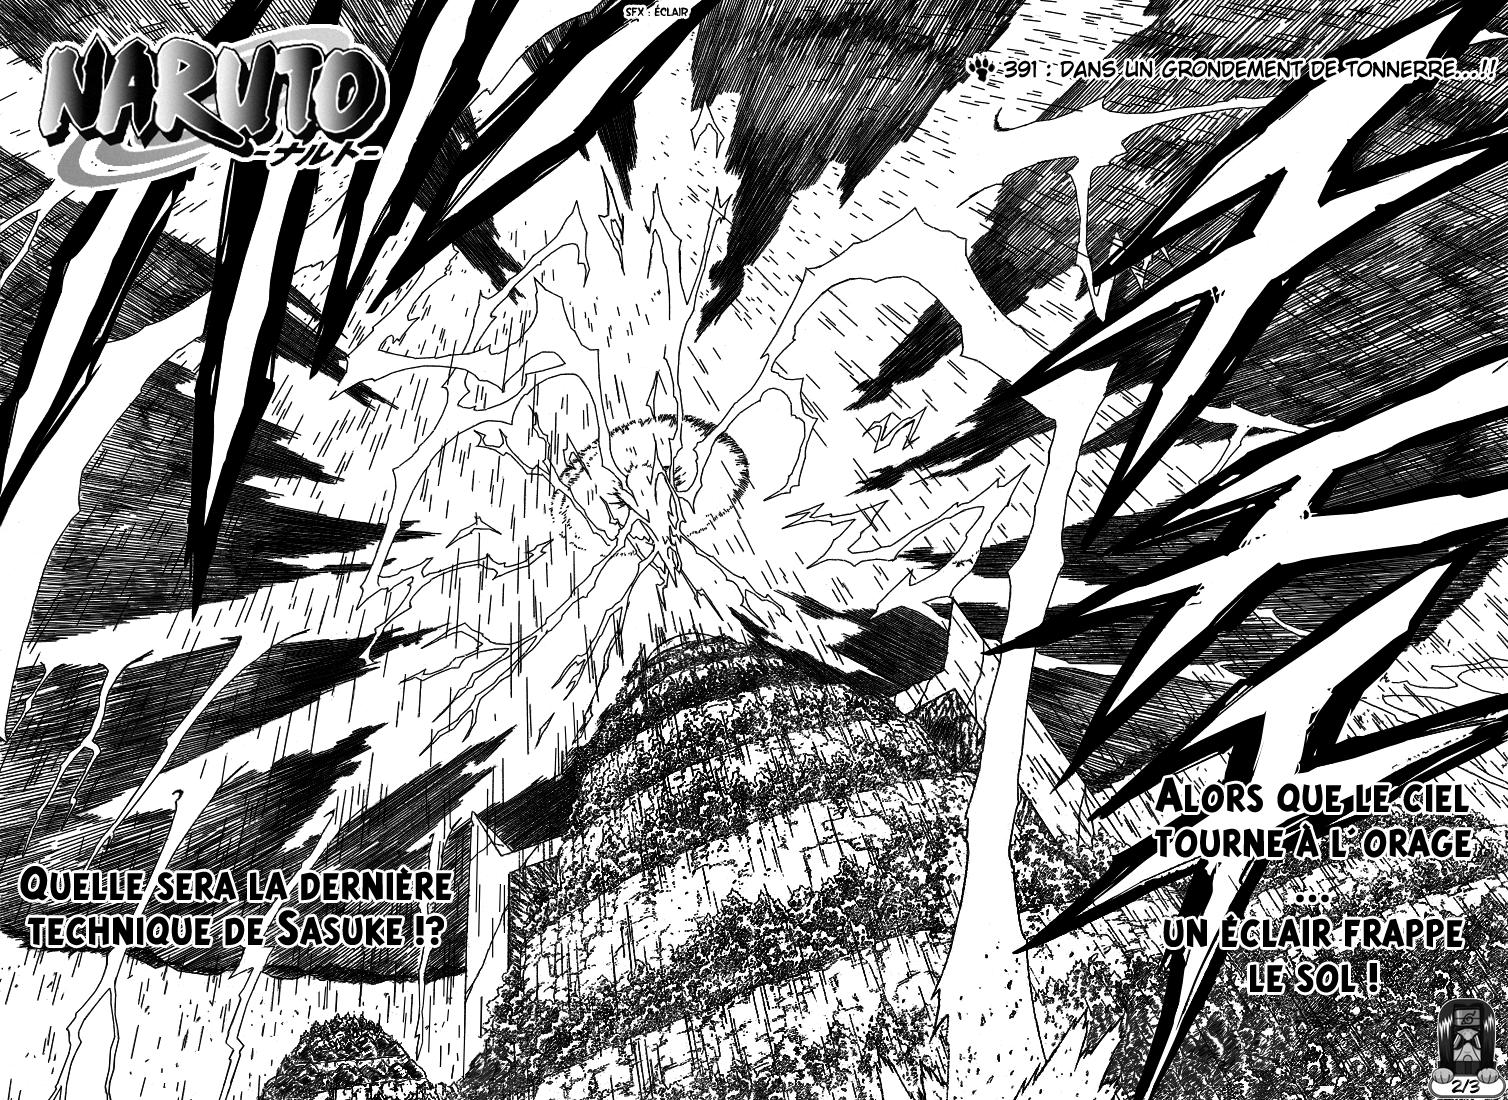 Naruto chapitre 391 - Page 2